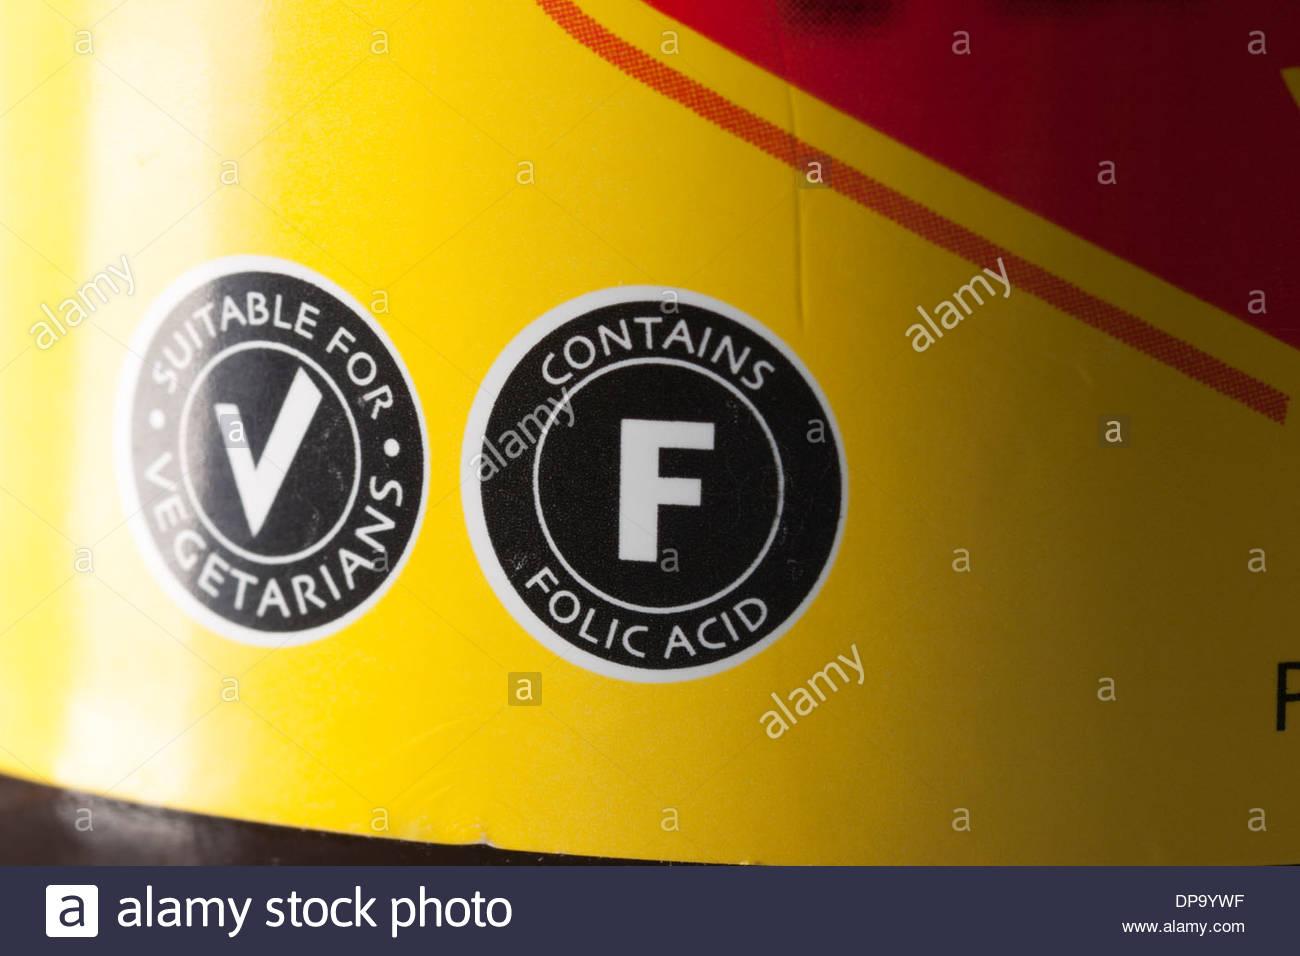 Étiquette indiquant la pertinence du produit alimentaire pour les végétariens, il contient de l'acide folique. Cette étiquette se trouve sur un pot de Vegemite. Photo Stock